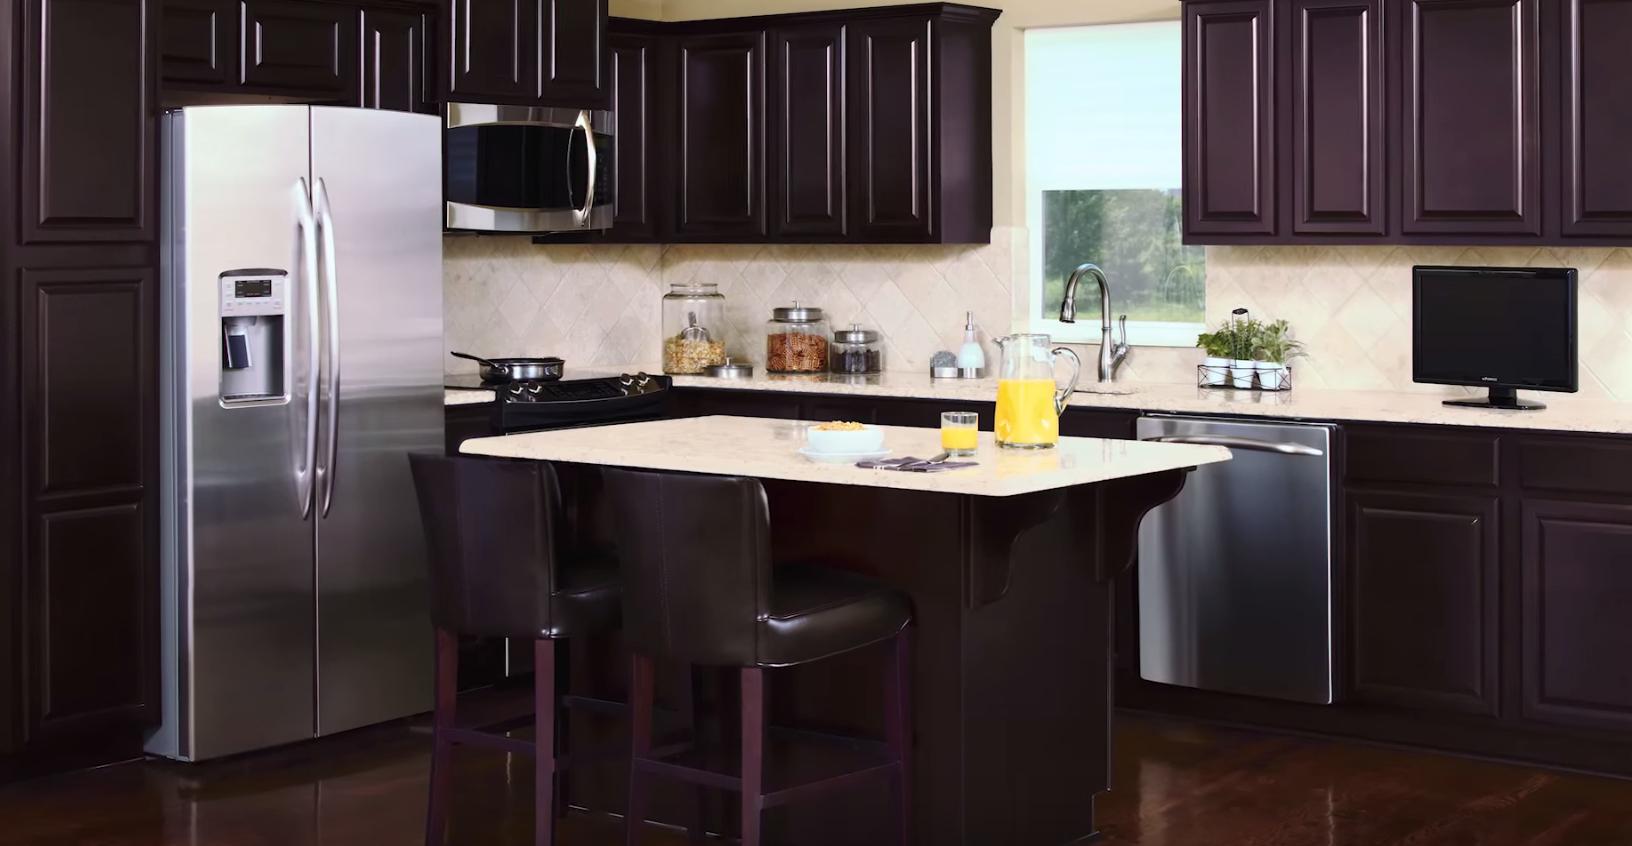 キッチンのゴミを吸引してくれる、ナイスな「電動ゴミ箱」みたいなヤツ